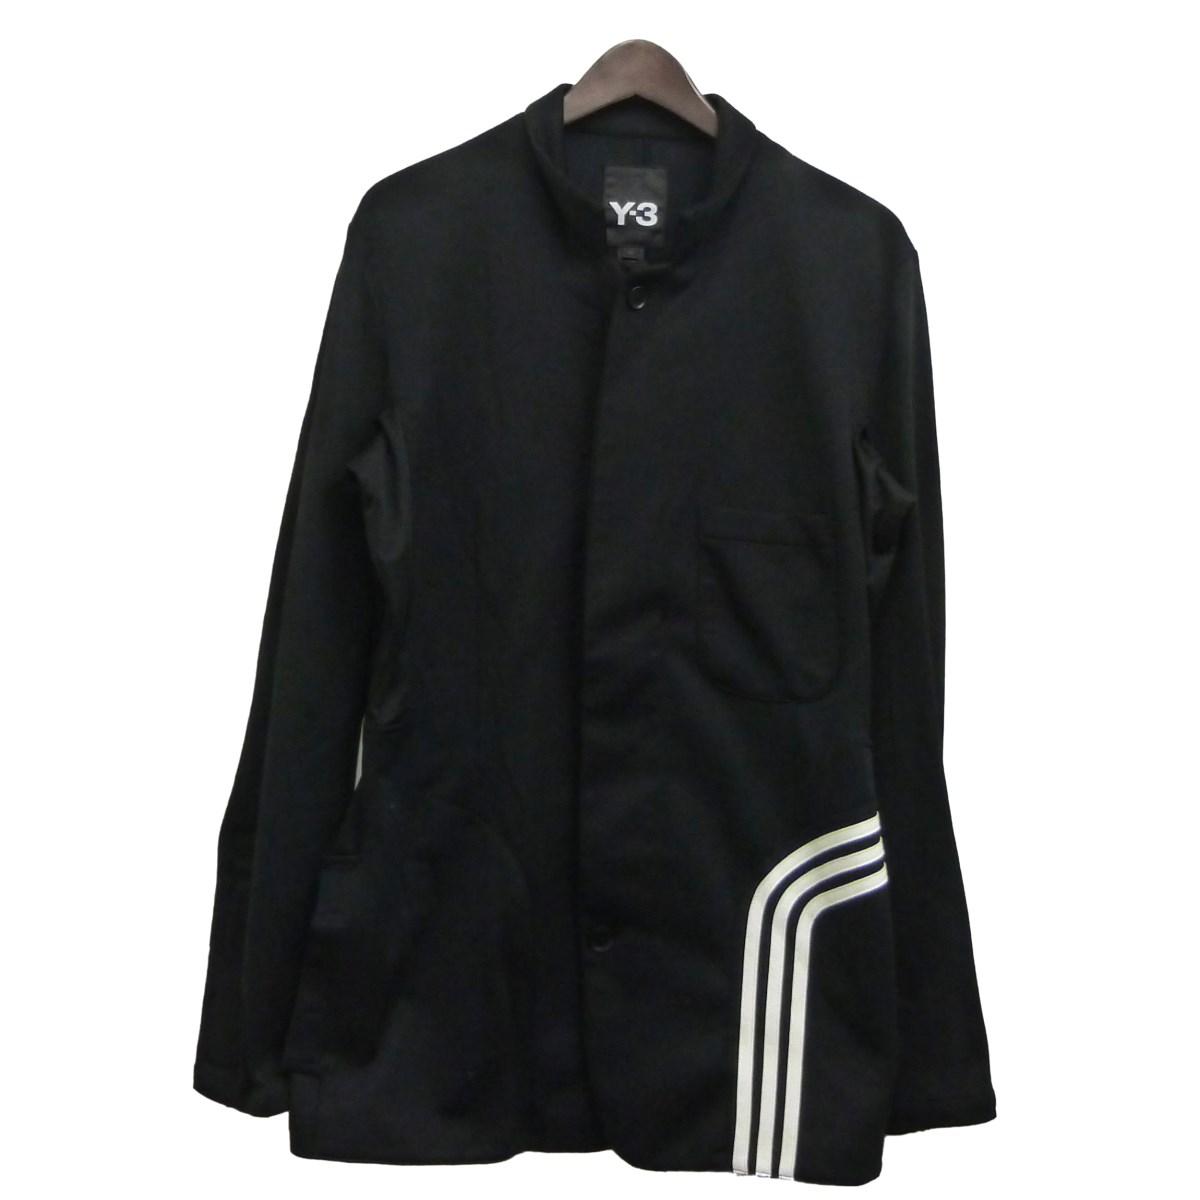 【中古】Y-3 「Fluid Blazer Jacket」ジャケット ブラック×ホワイト サイズ:XS 【070520】(ワイスリー)